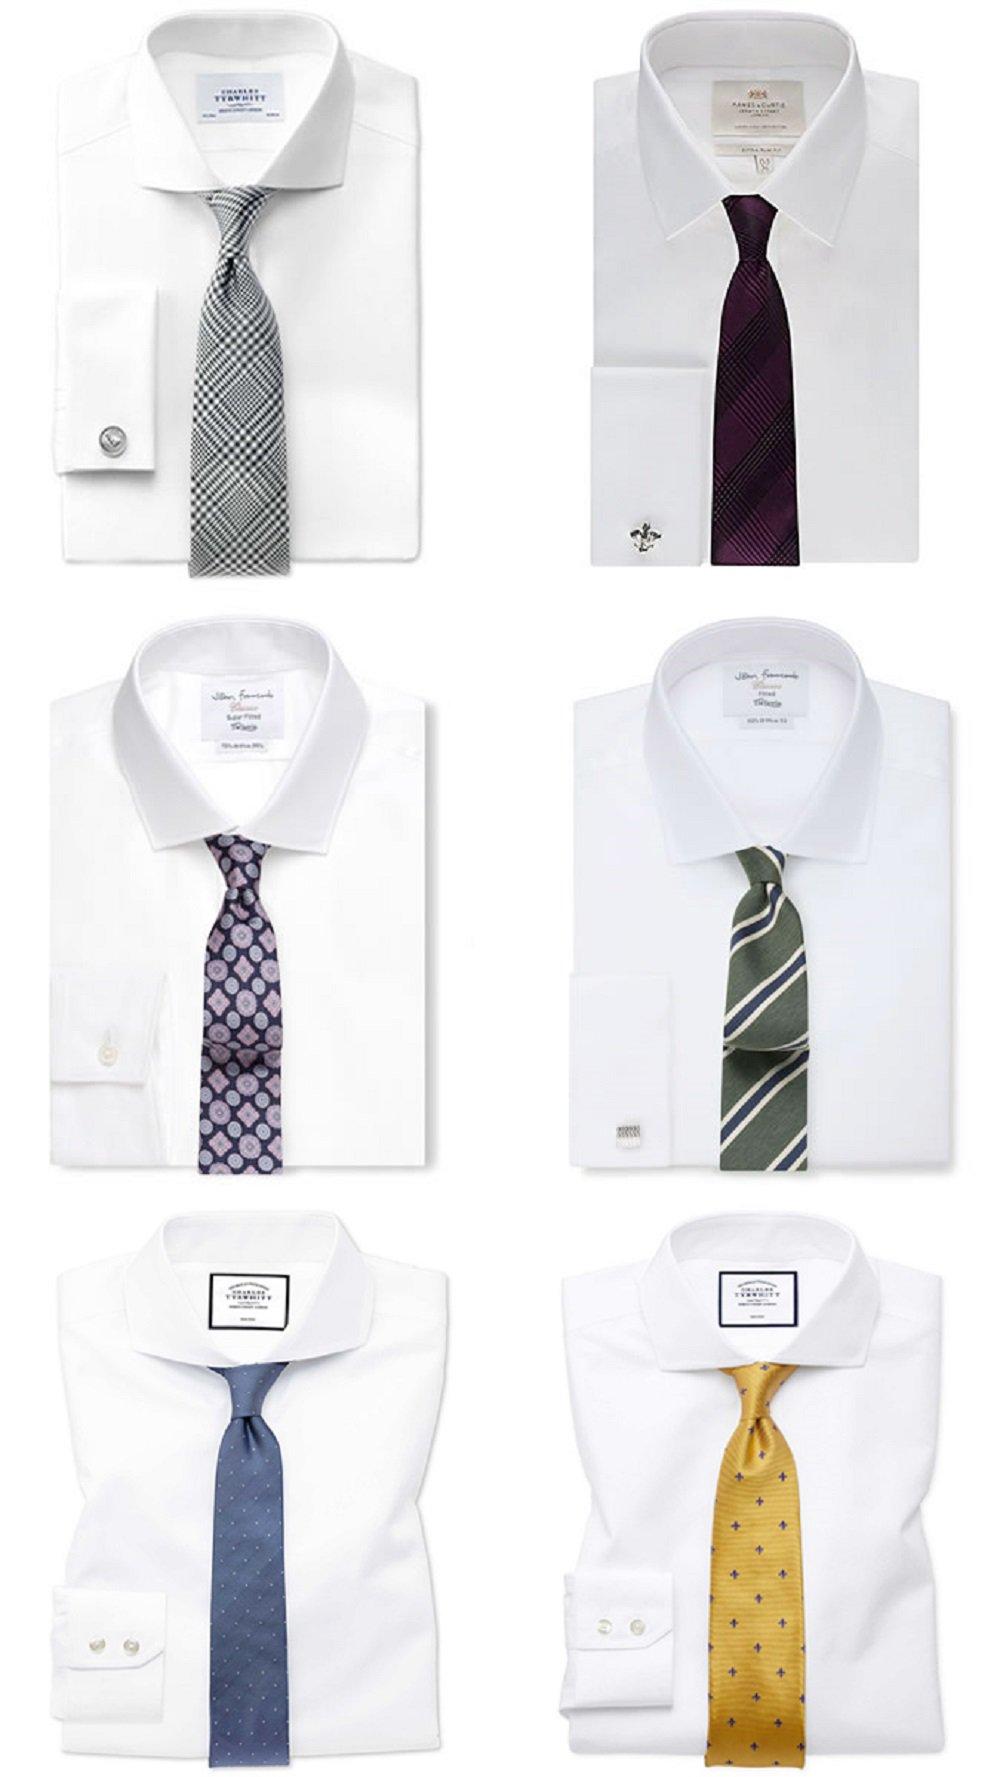 ربطات العنق والقميص الأبيض